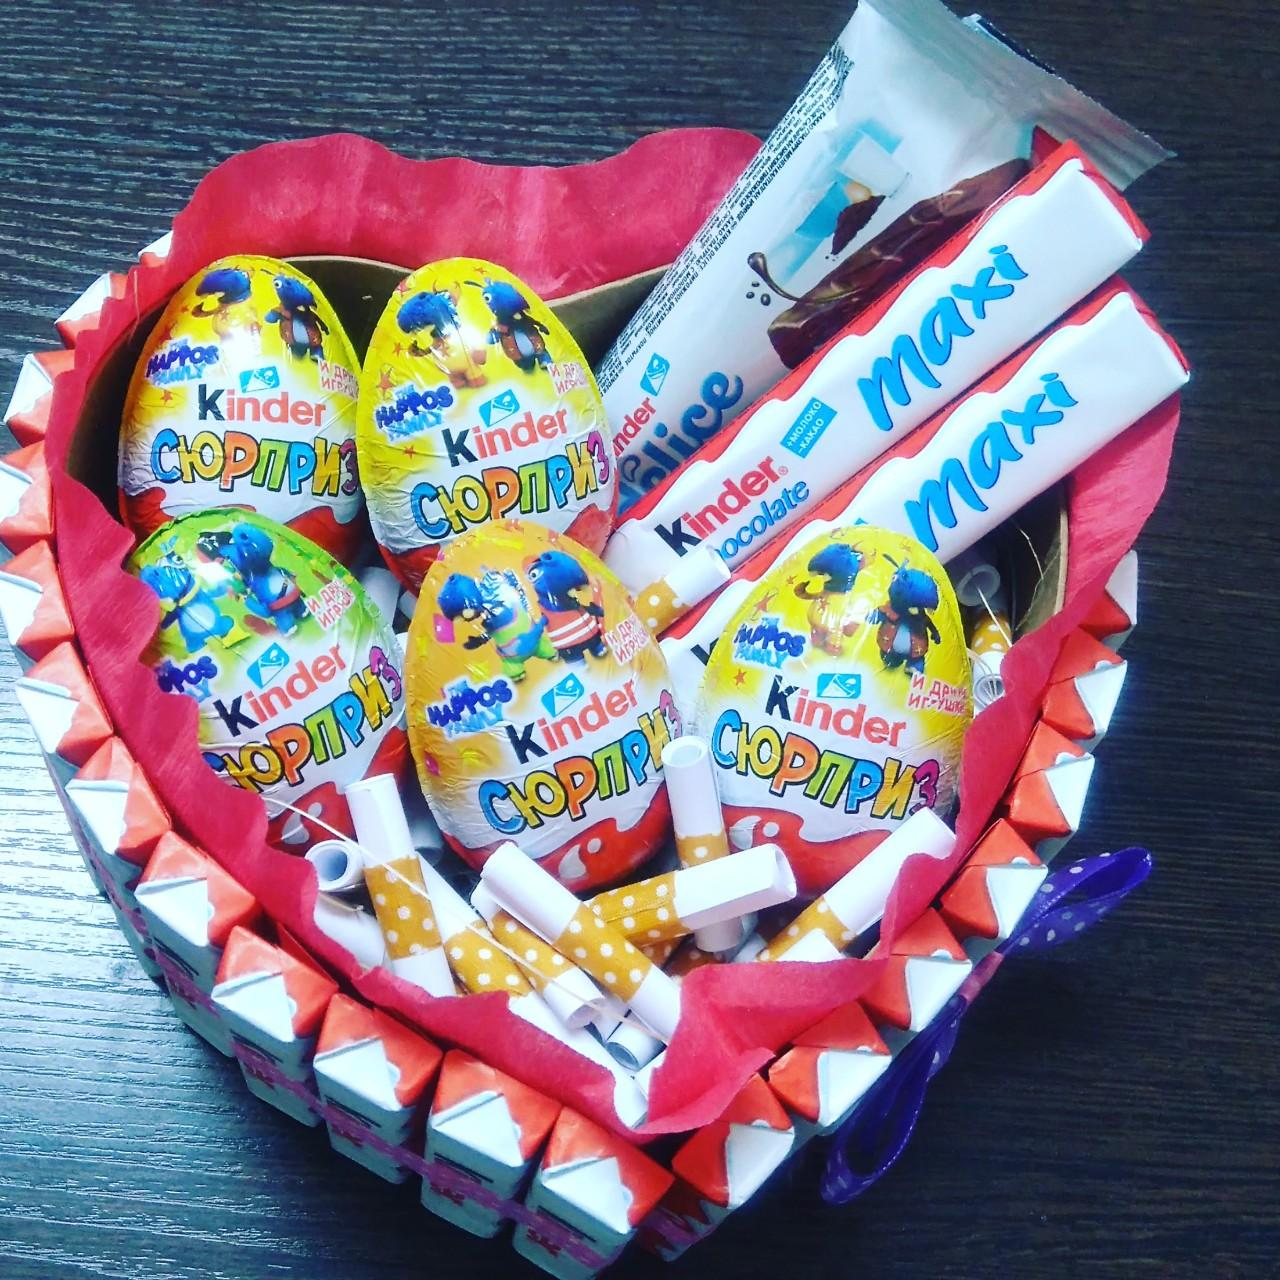 Шоколадное яйцо FERRERO Kinder сюрприз - отзывы